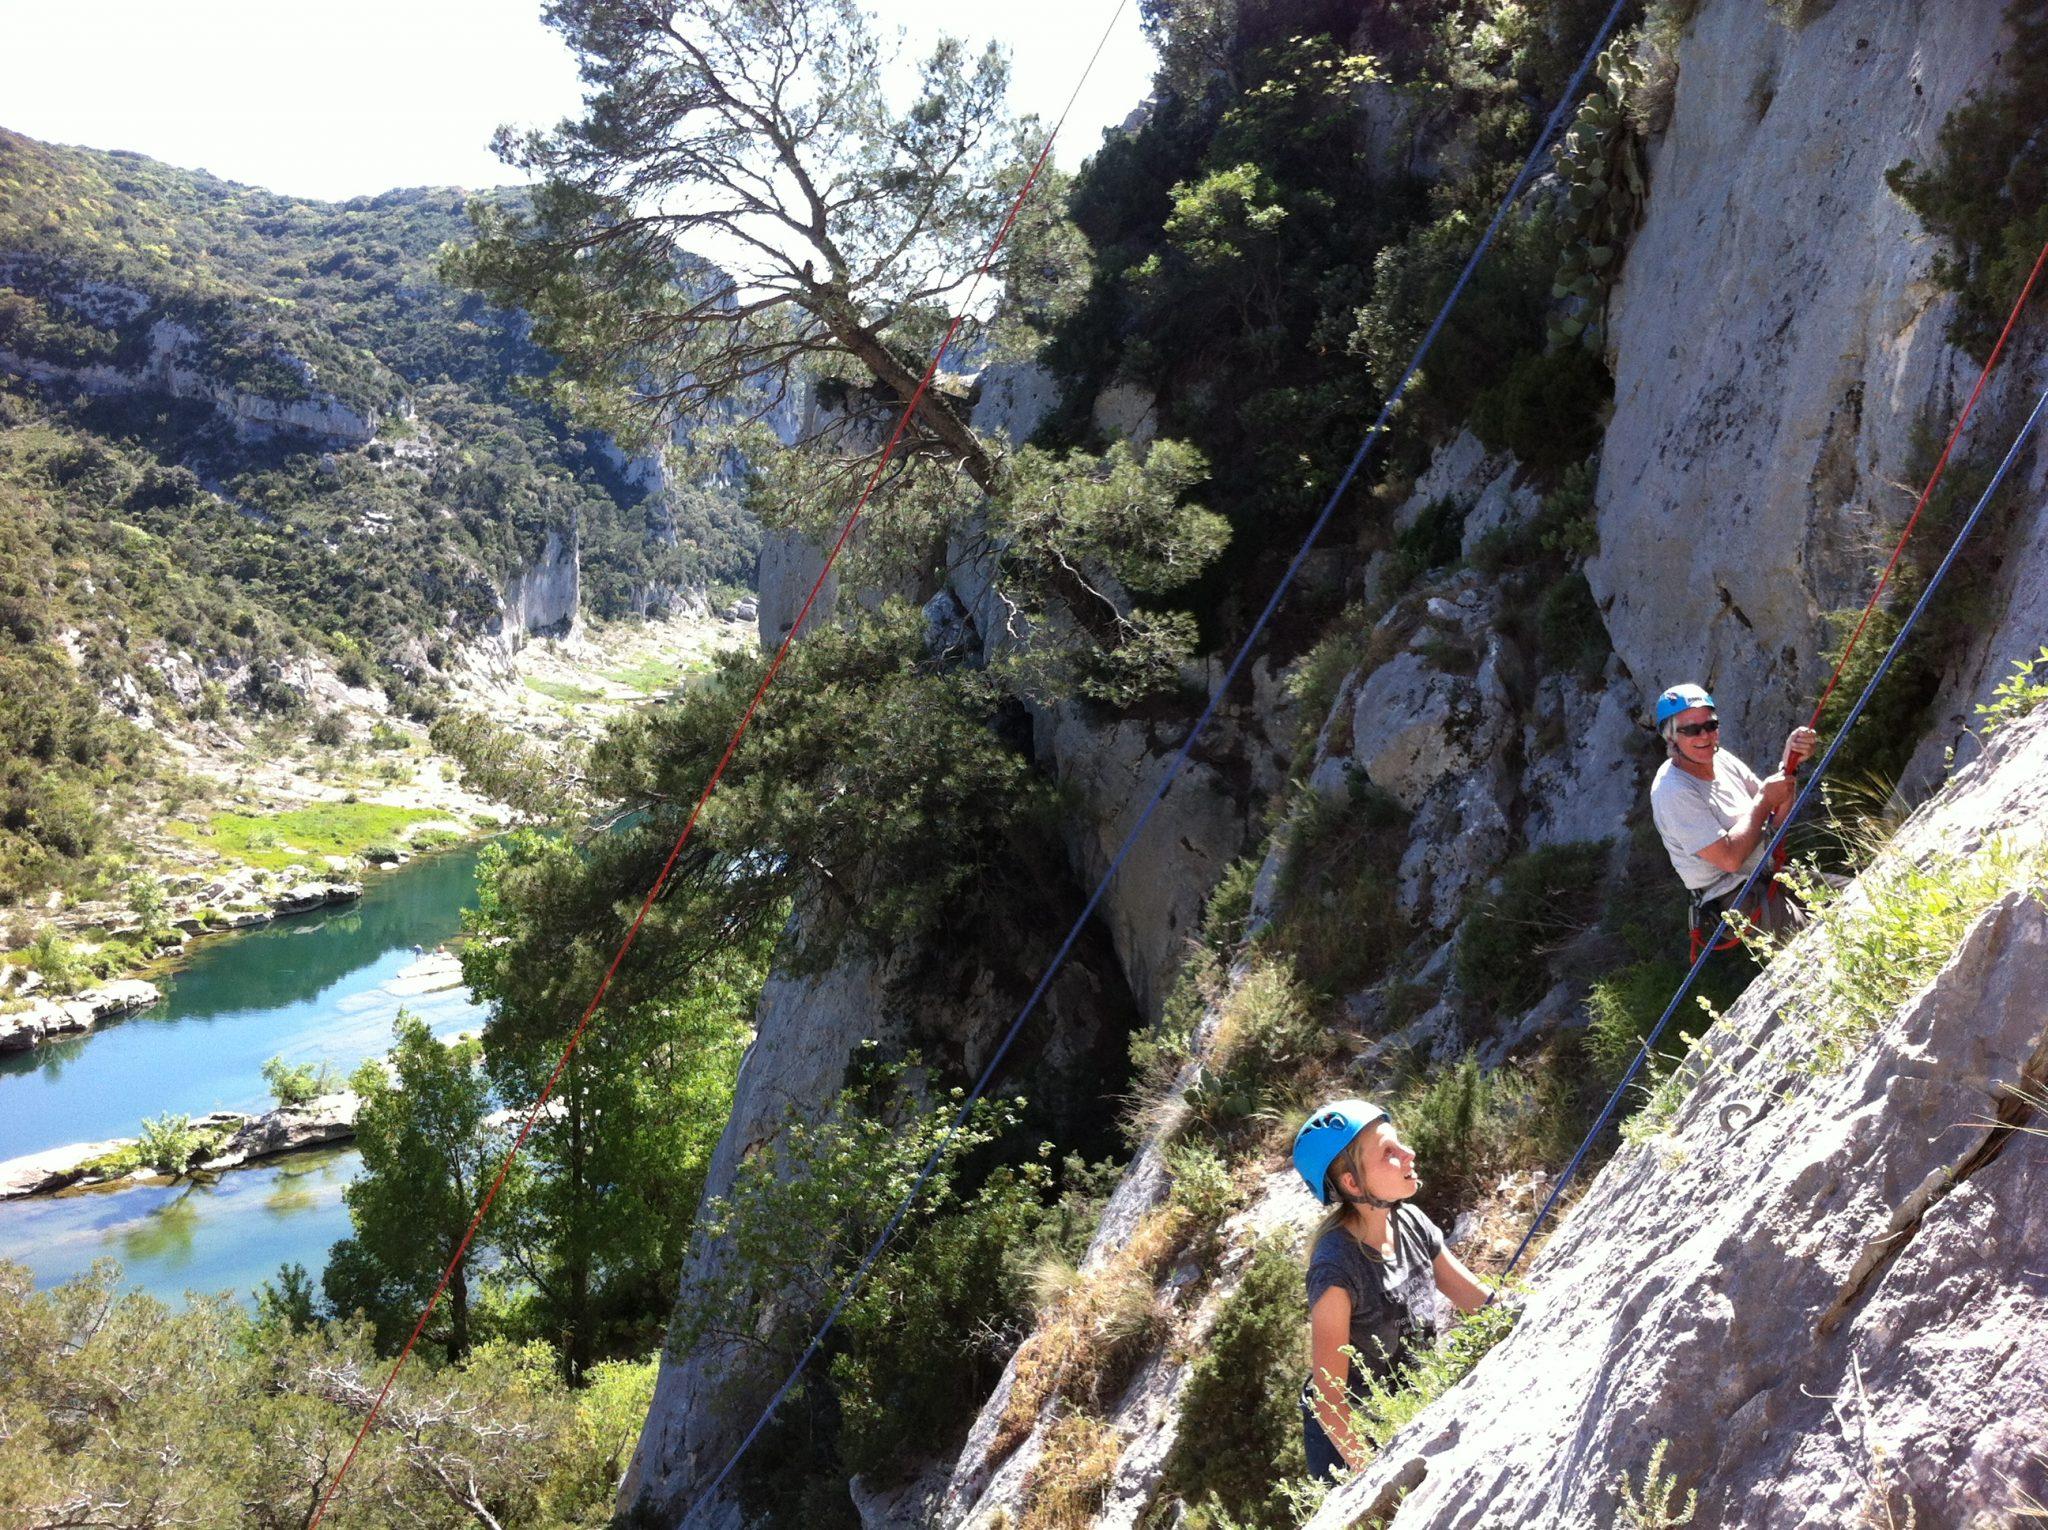 débuter l'escalade dans le Gard : Hérault gard Vaucluse Initiation escalade